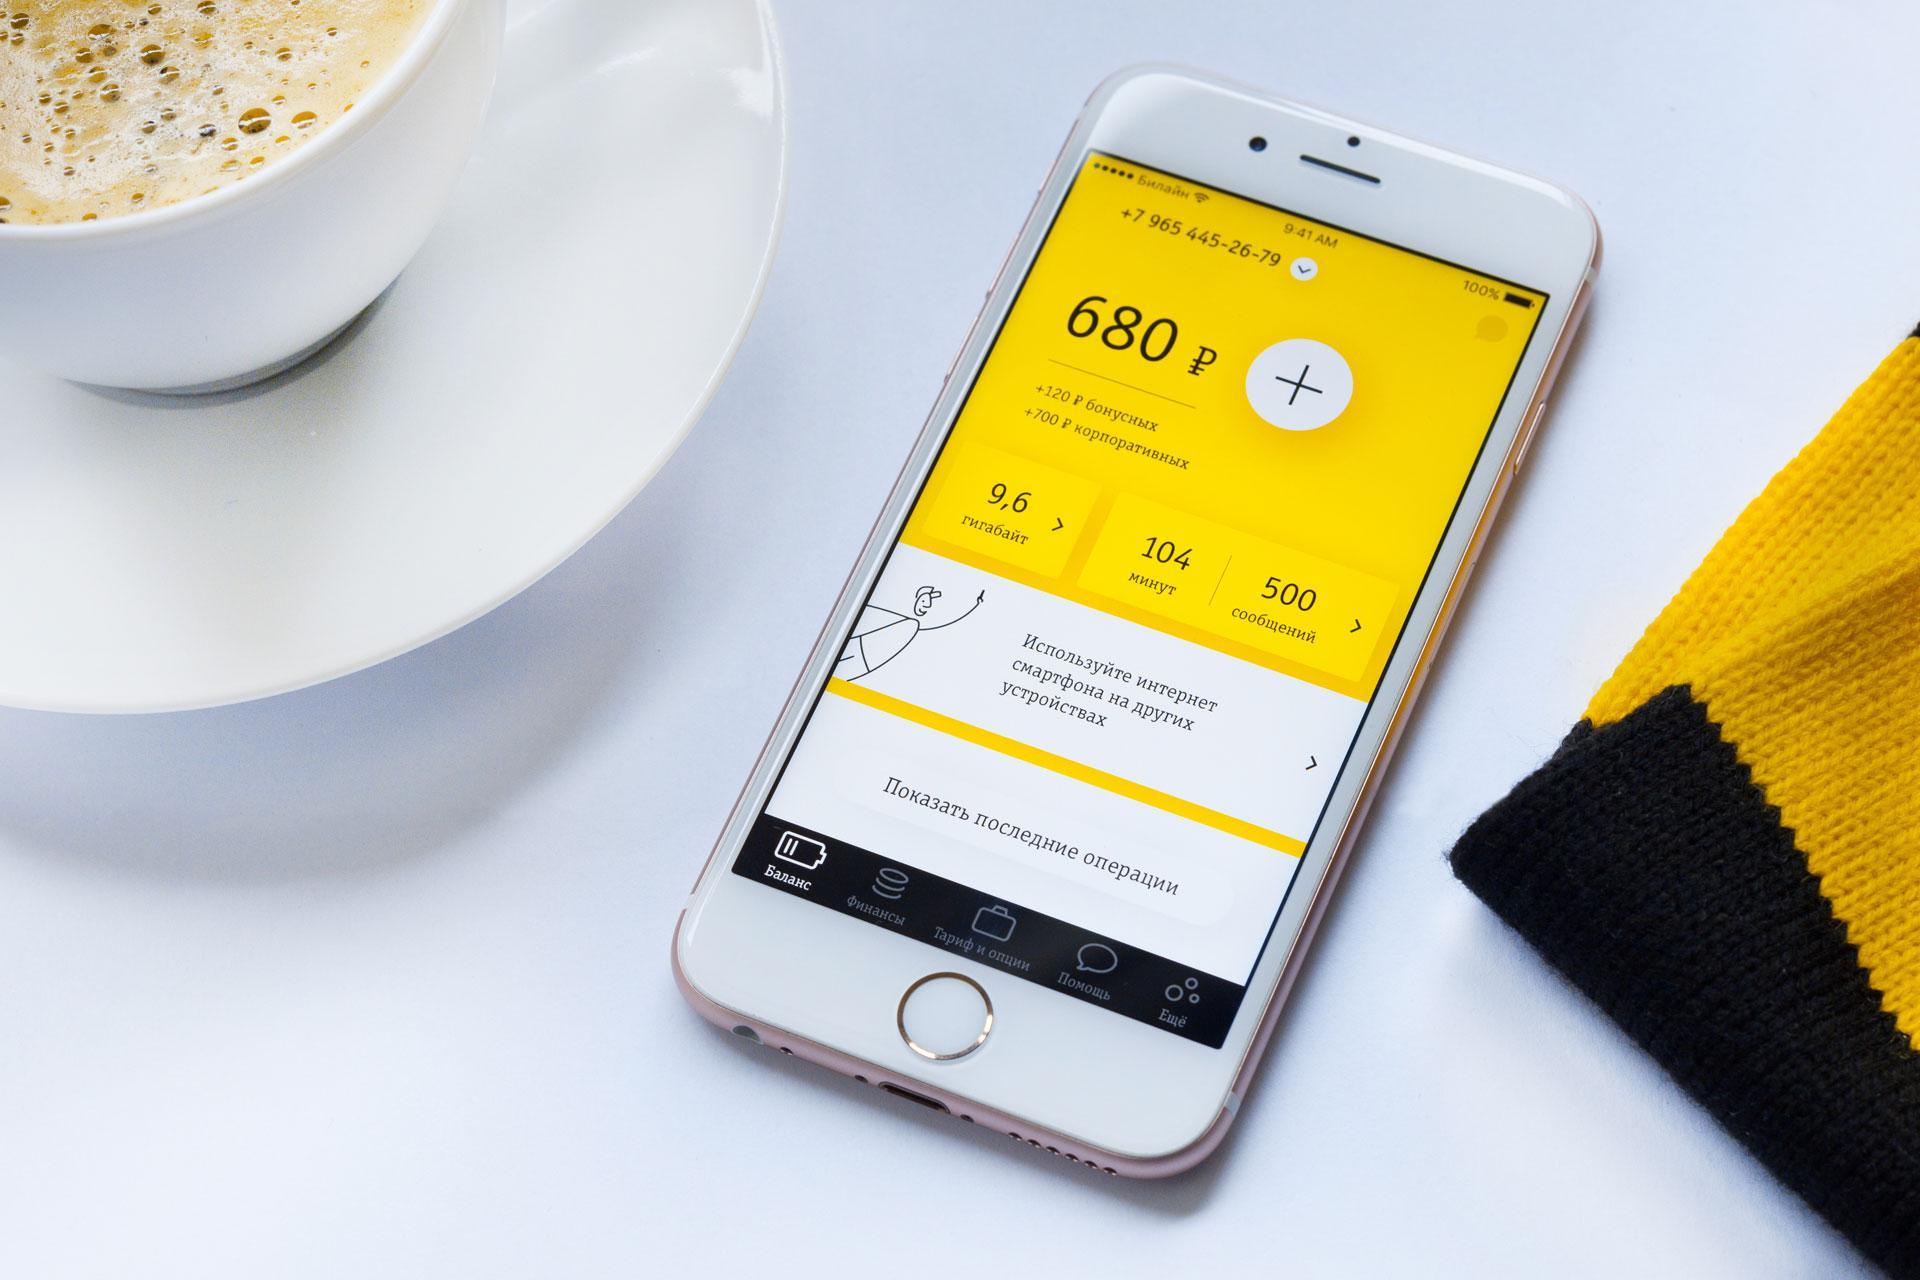 Как взять деньги в долг на Билайн: услуга доверительный платеж